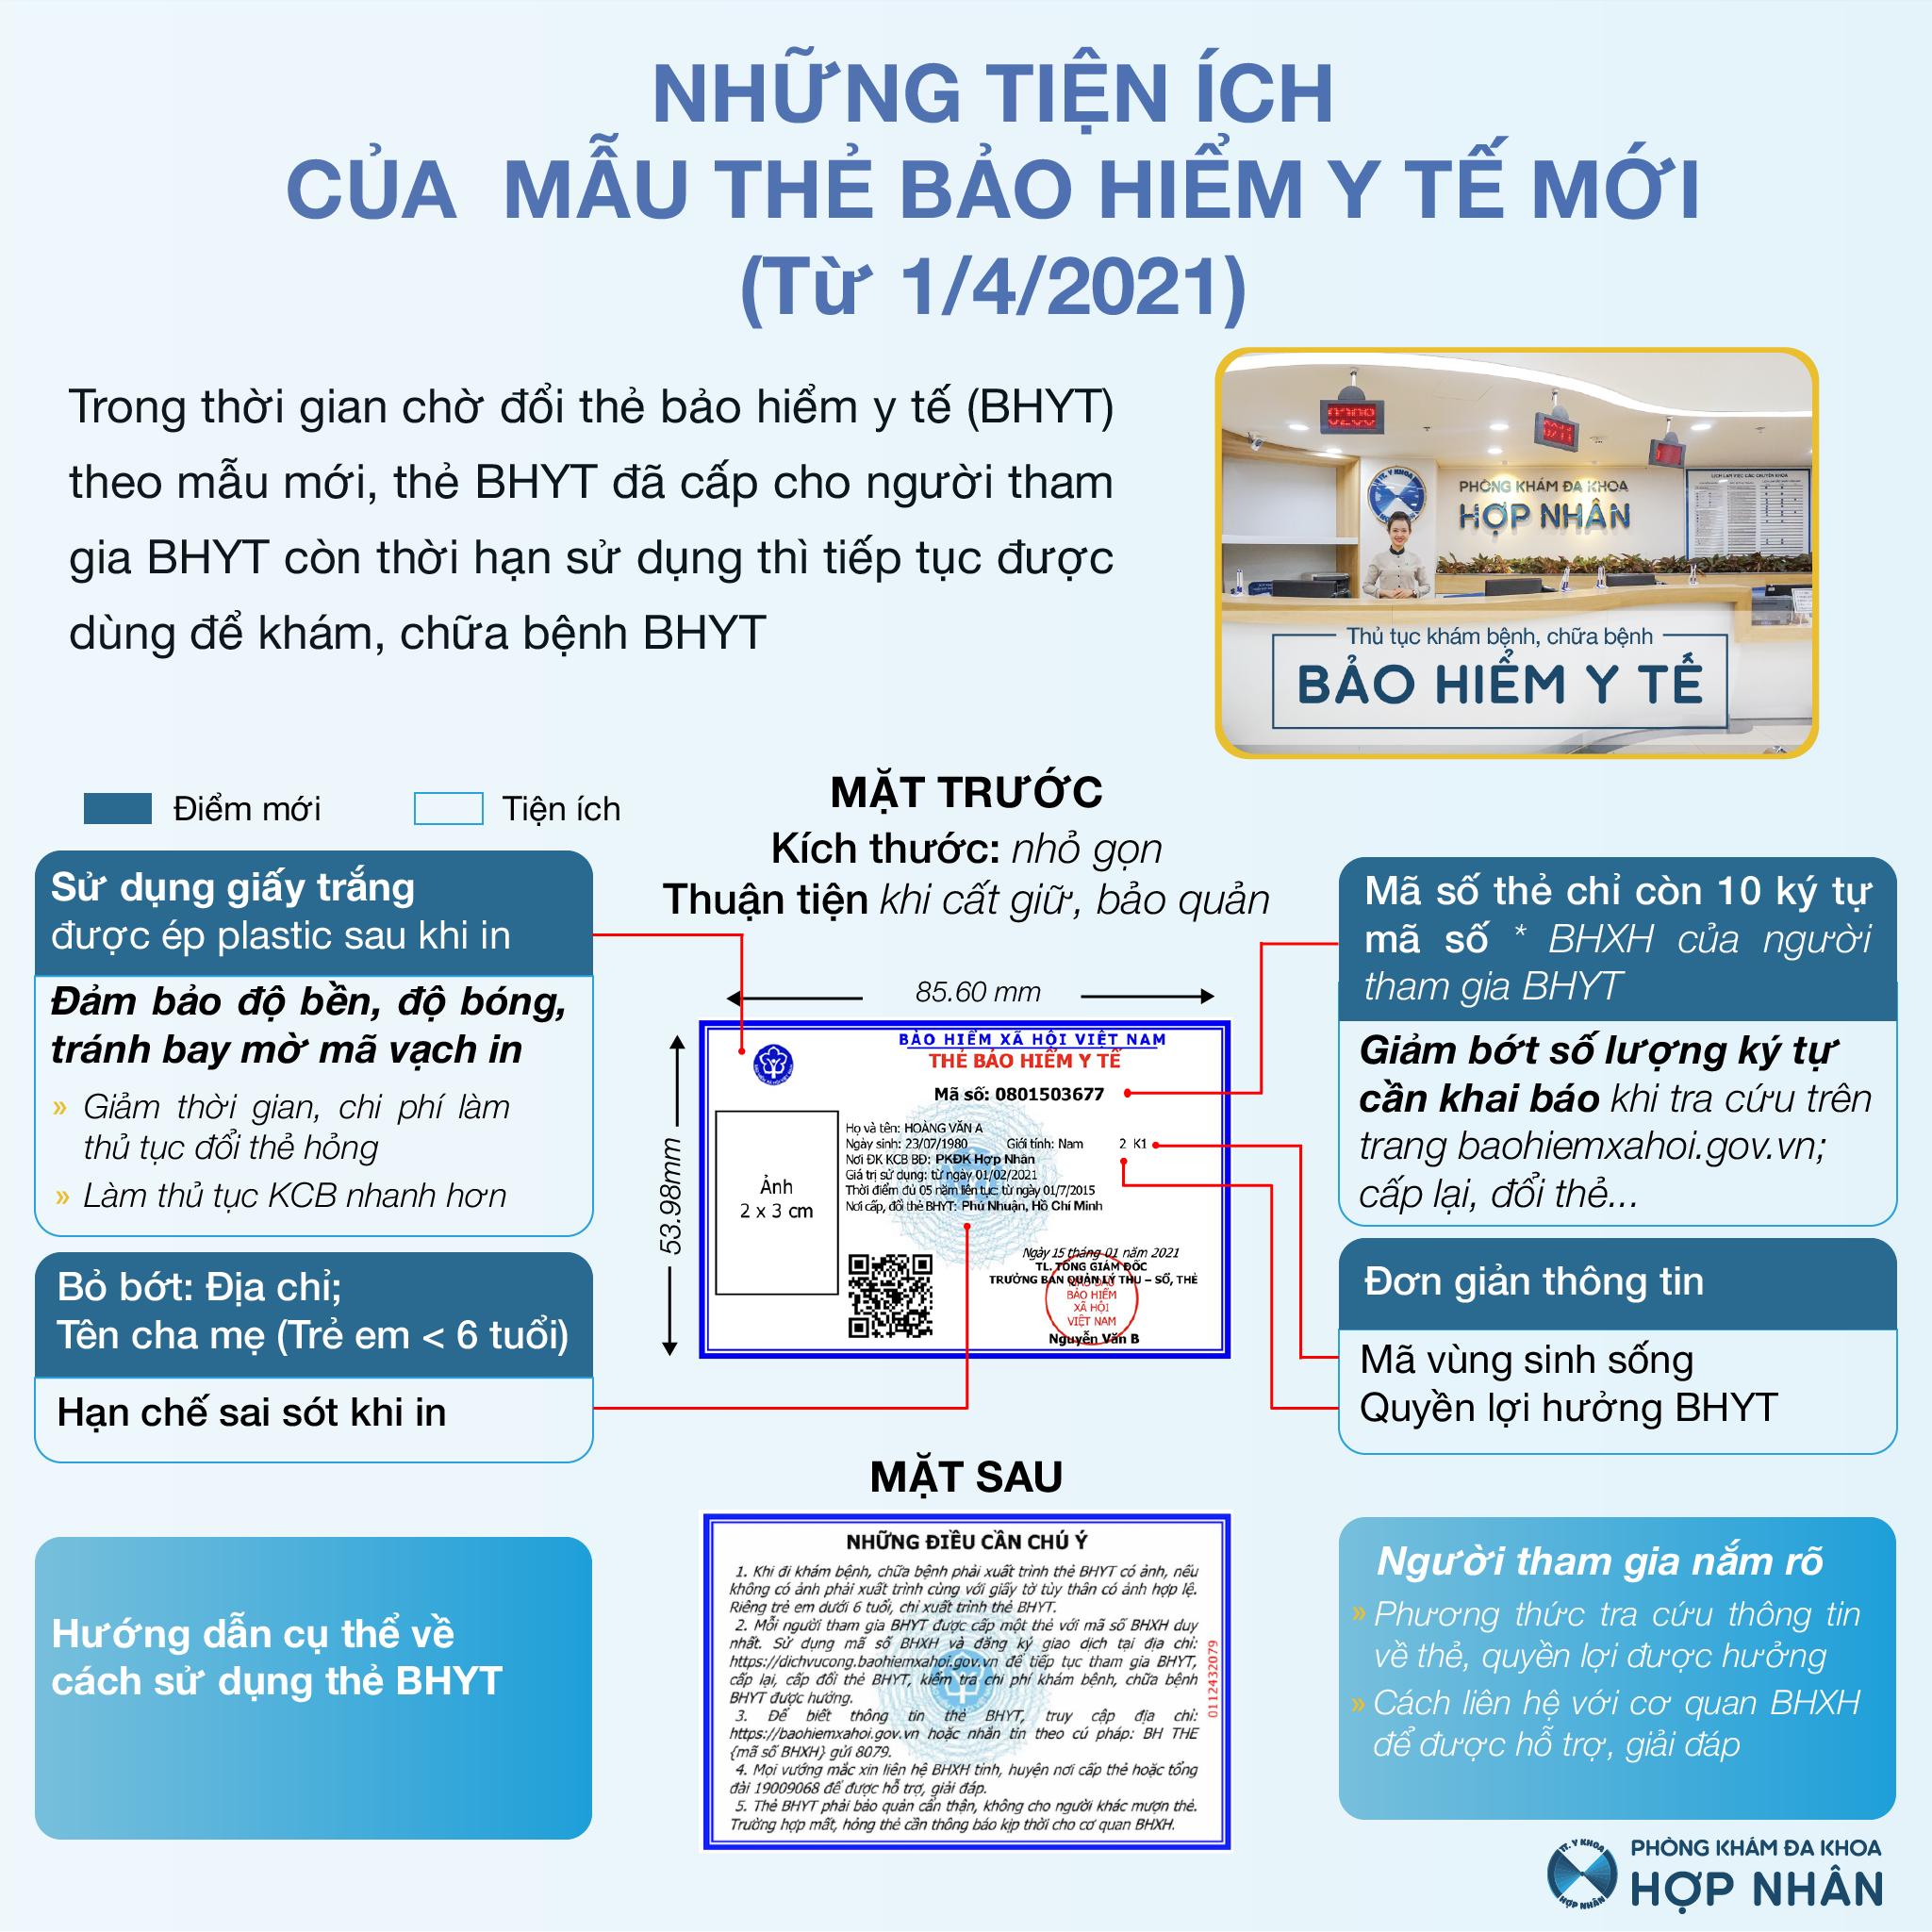 Những tiện ích của mẫu thẻ BHYT mới từ 01/4/2021